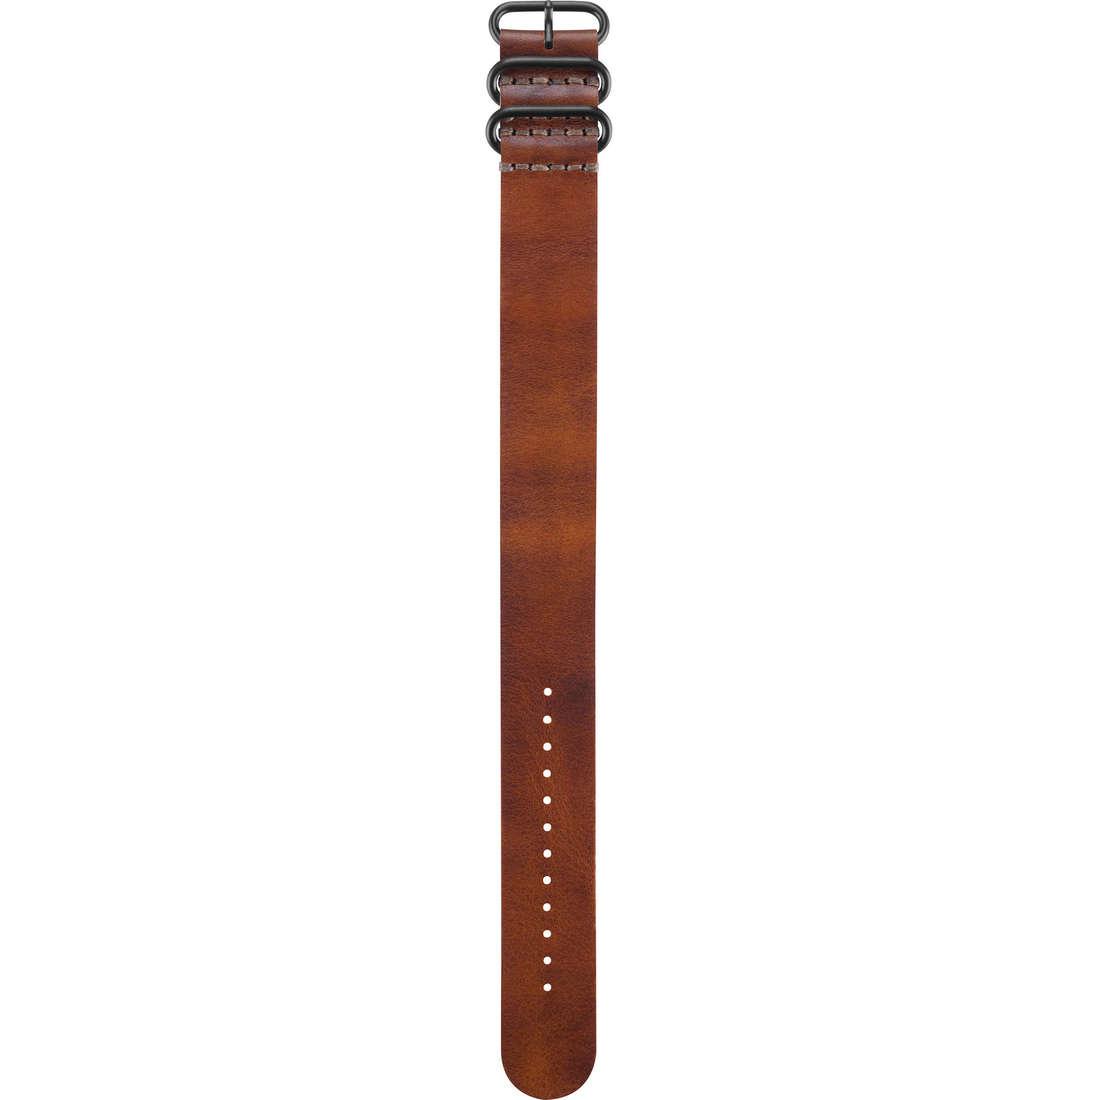 orologio cinturino di ricambio unisex Garmin 010-12168-21